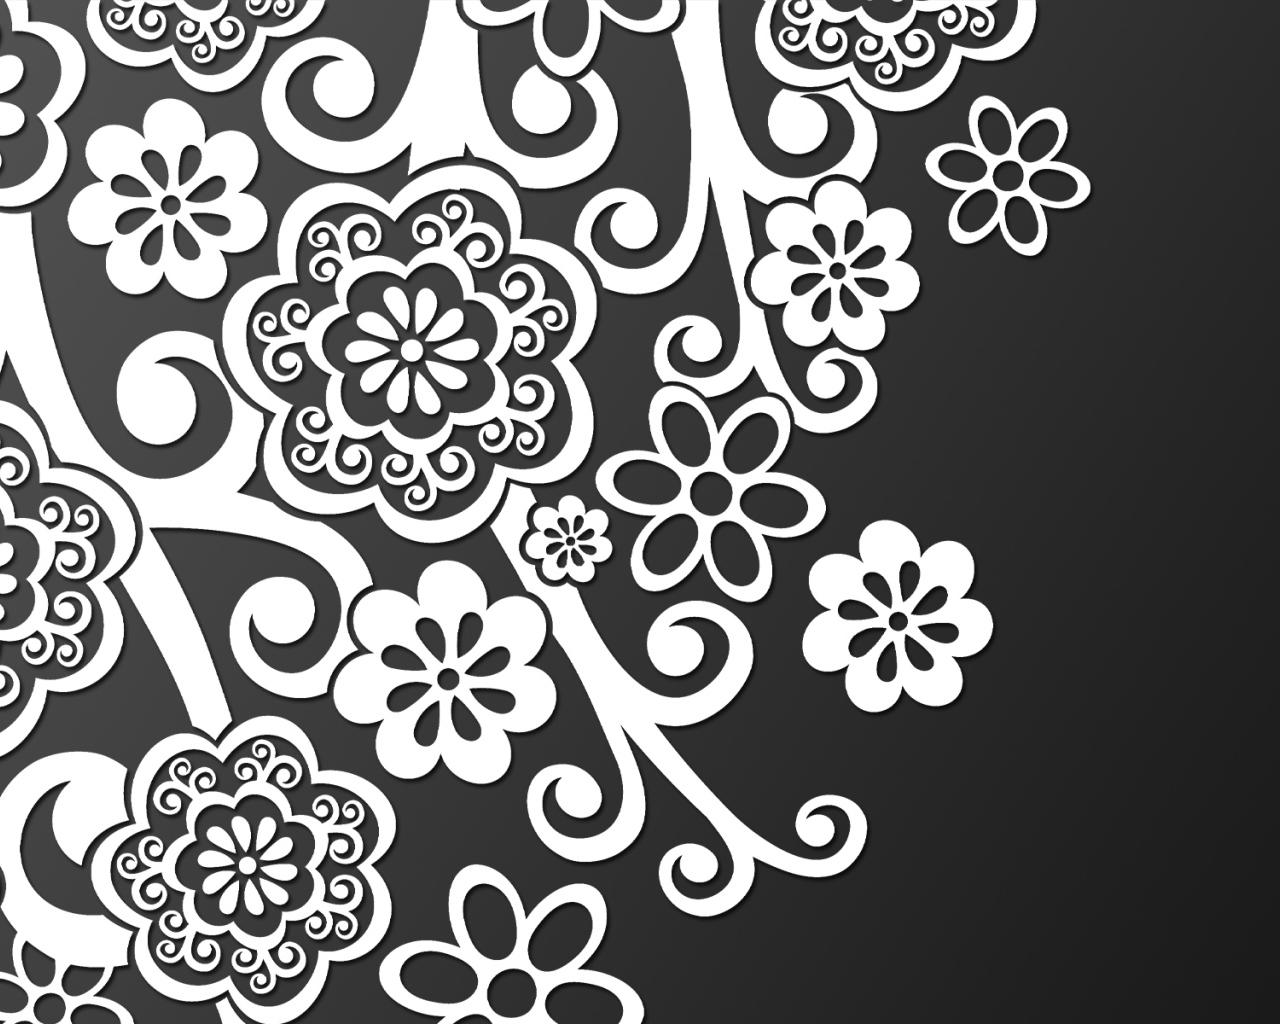 Узоры для открыток черно-белые